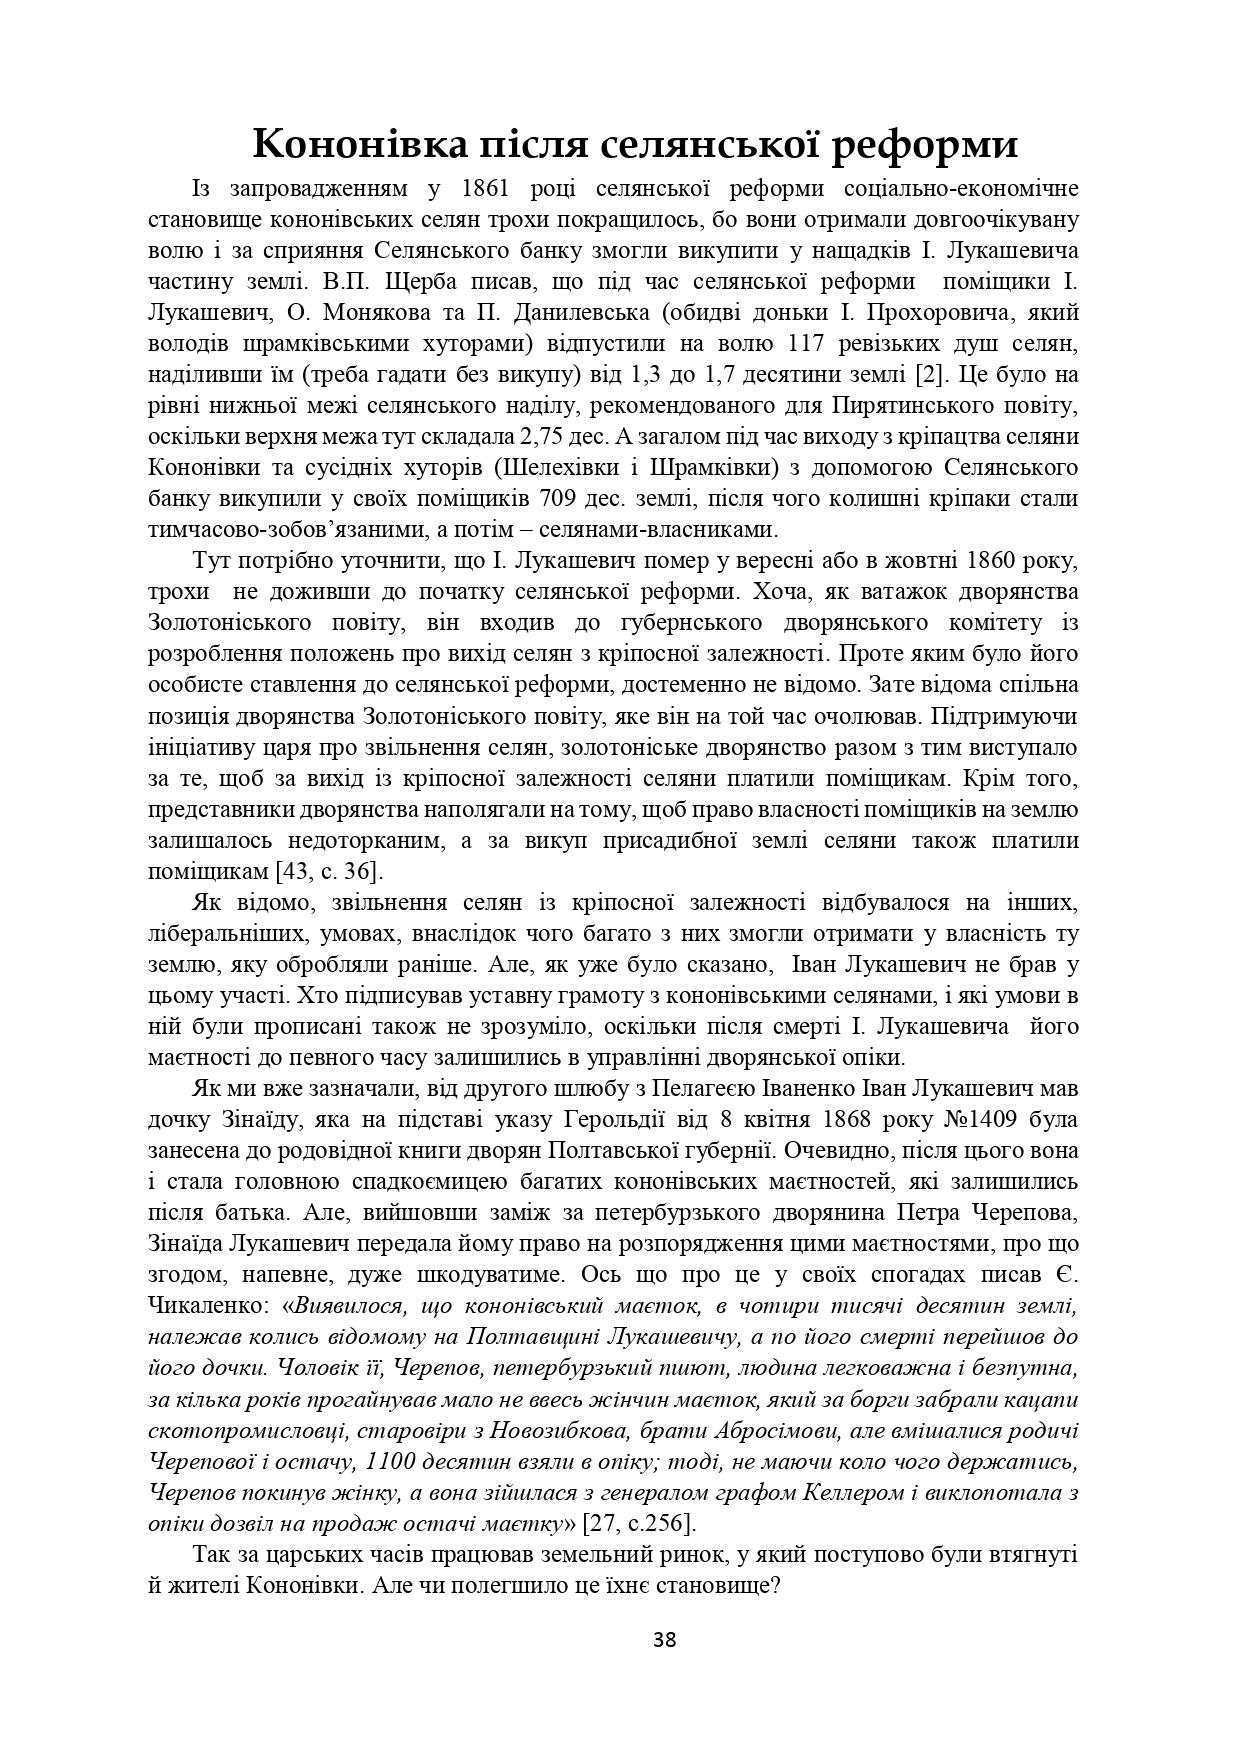 ІСТОРІЯ СЕЛА КОНОНІВКА 2021 (1)_page-0038